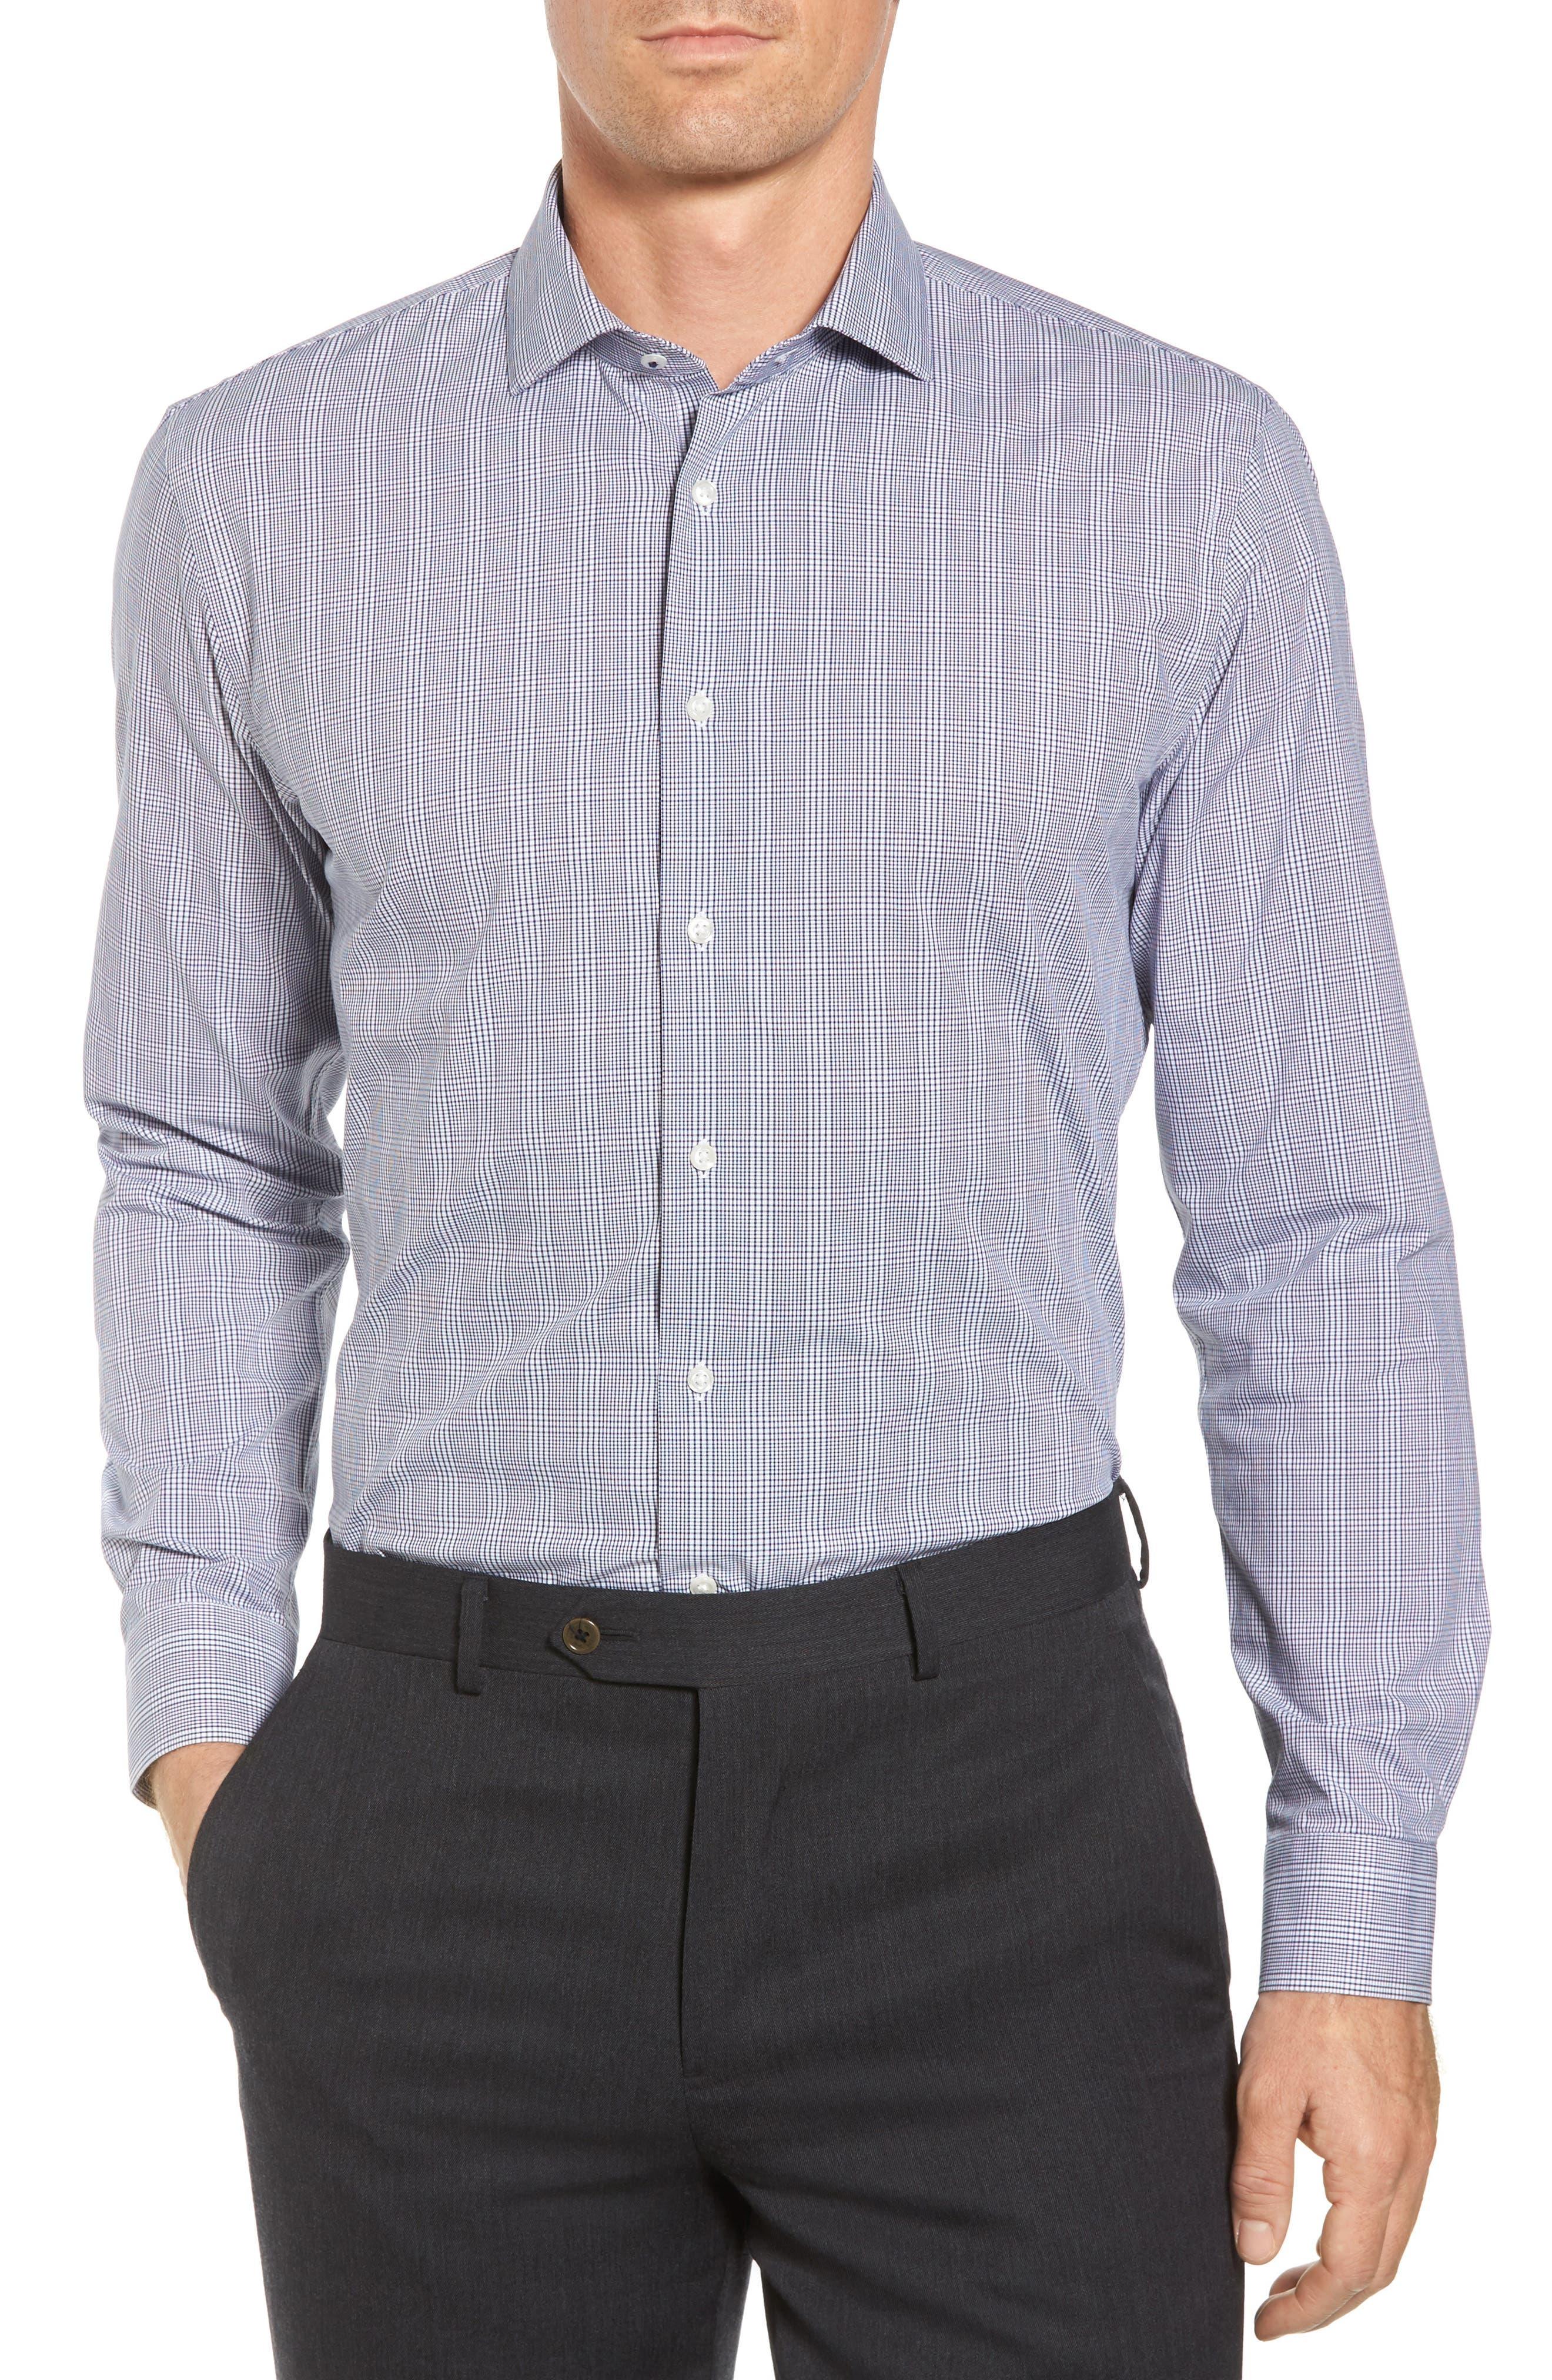 Tech-Smart Trim Fit Stretch Plaid Dress Shirt,                             Main thumbnail 1, color,                             Blue Twilight